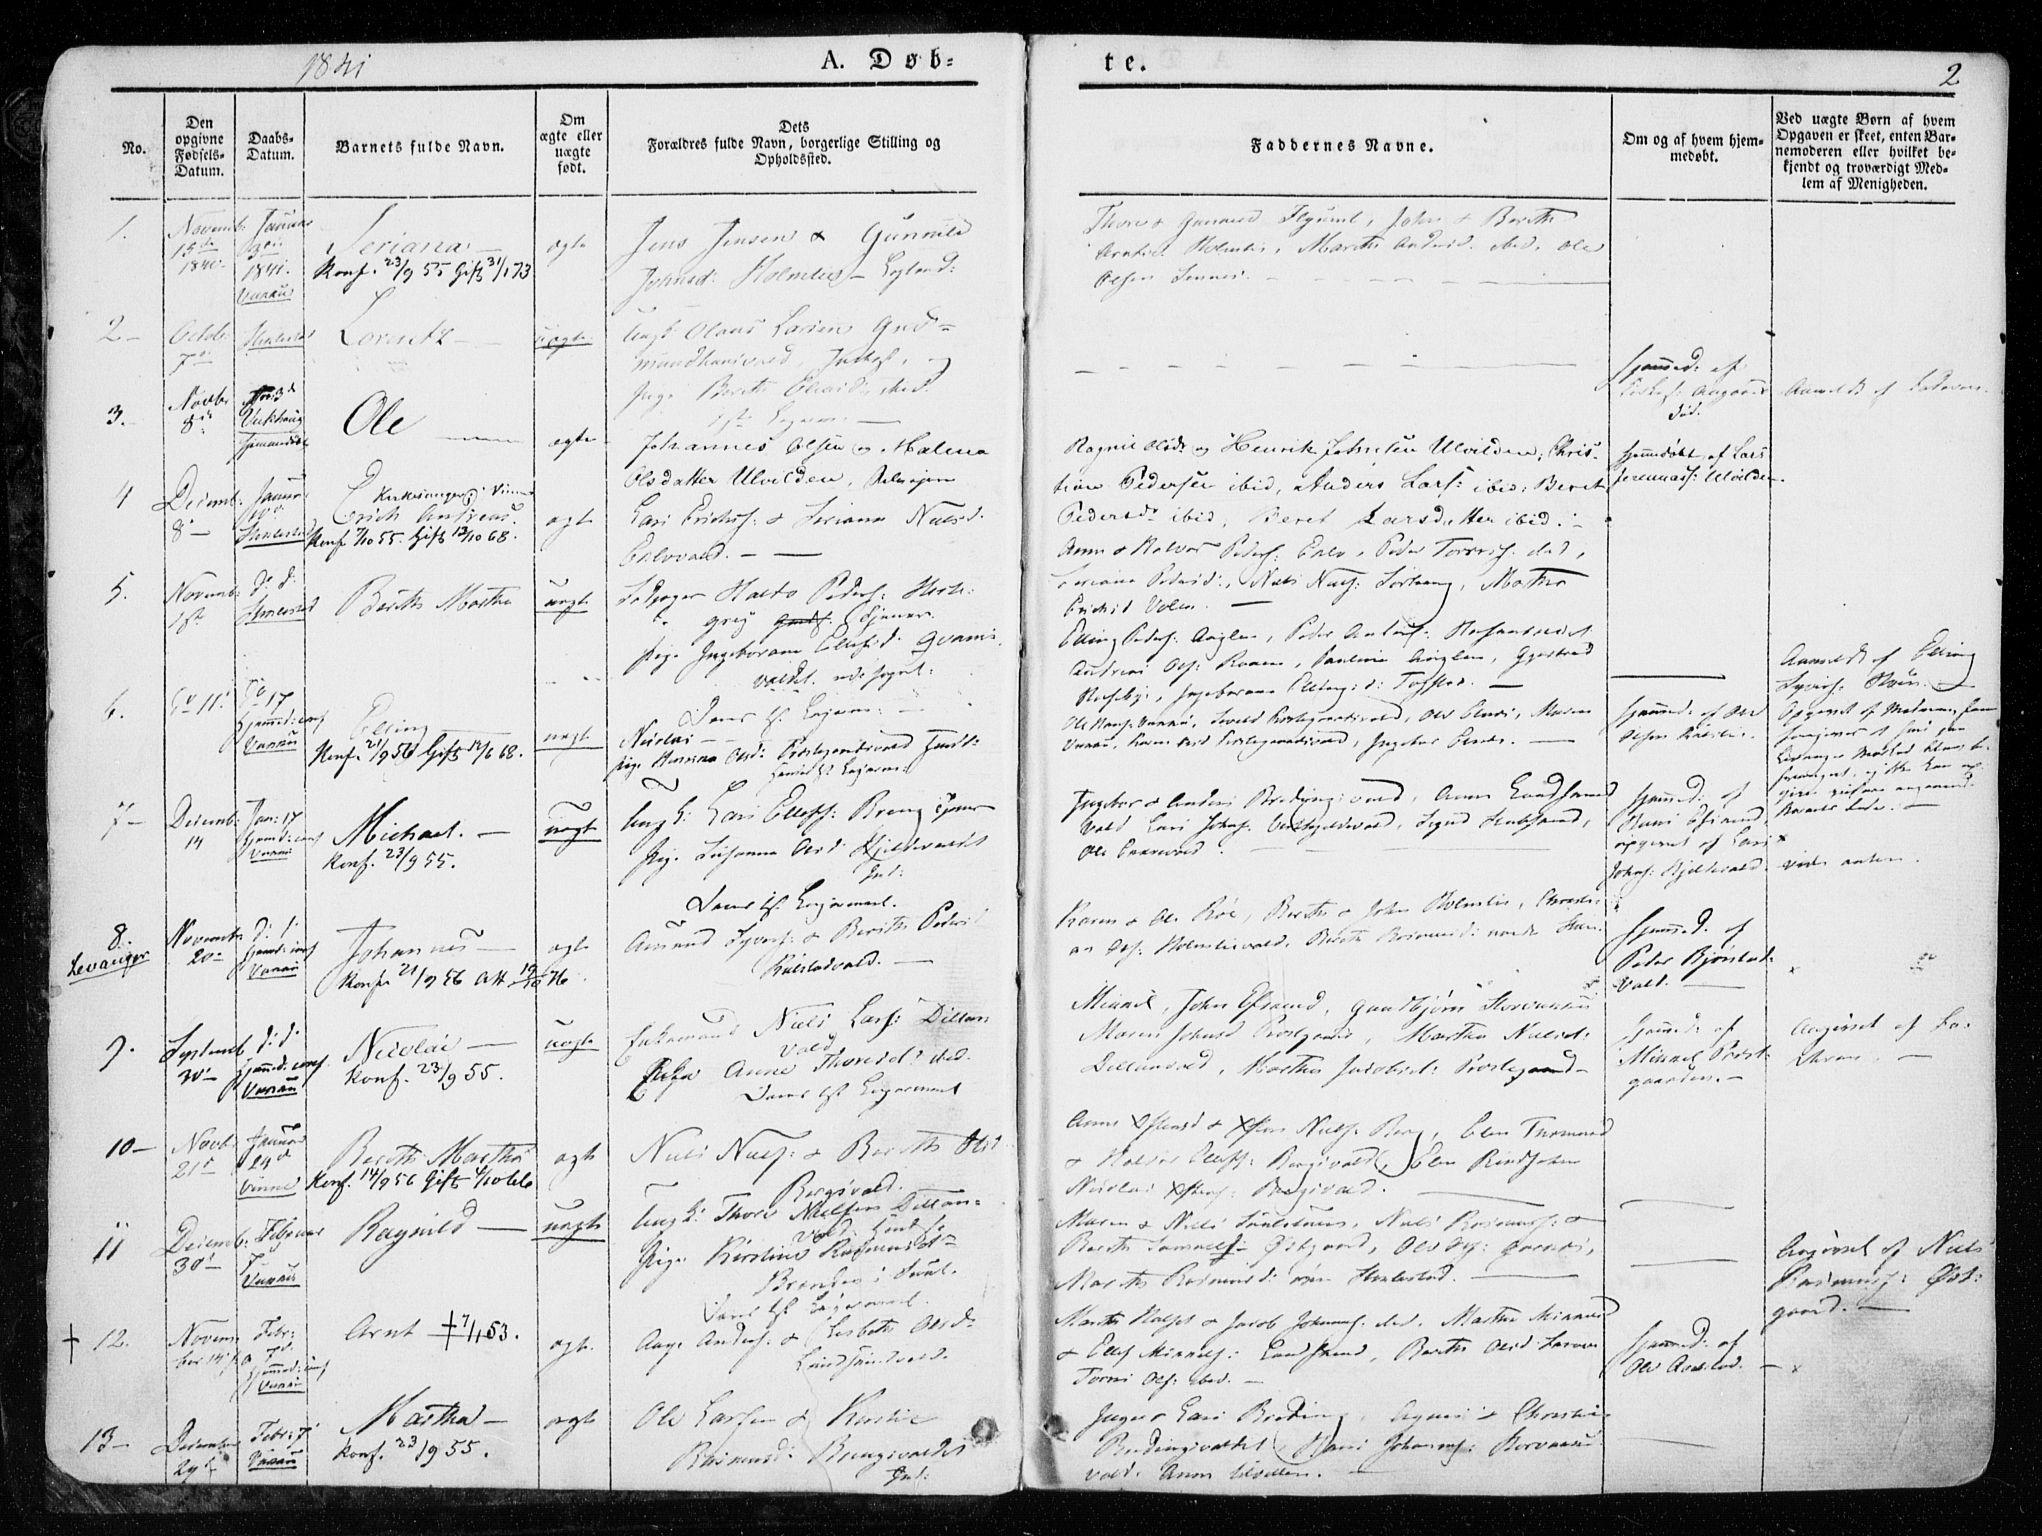 SAT, Ministerialprotokoller, klokkerbøker og fødselsregistre - Nord-Trøndelag, 723/L0239: Ministerialbok nr. 723A08, 1841-1851, s. 2